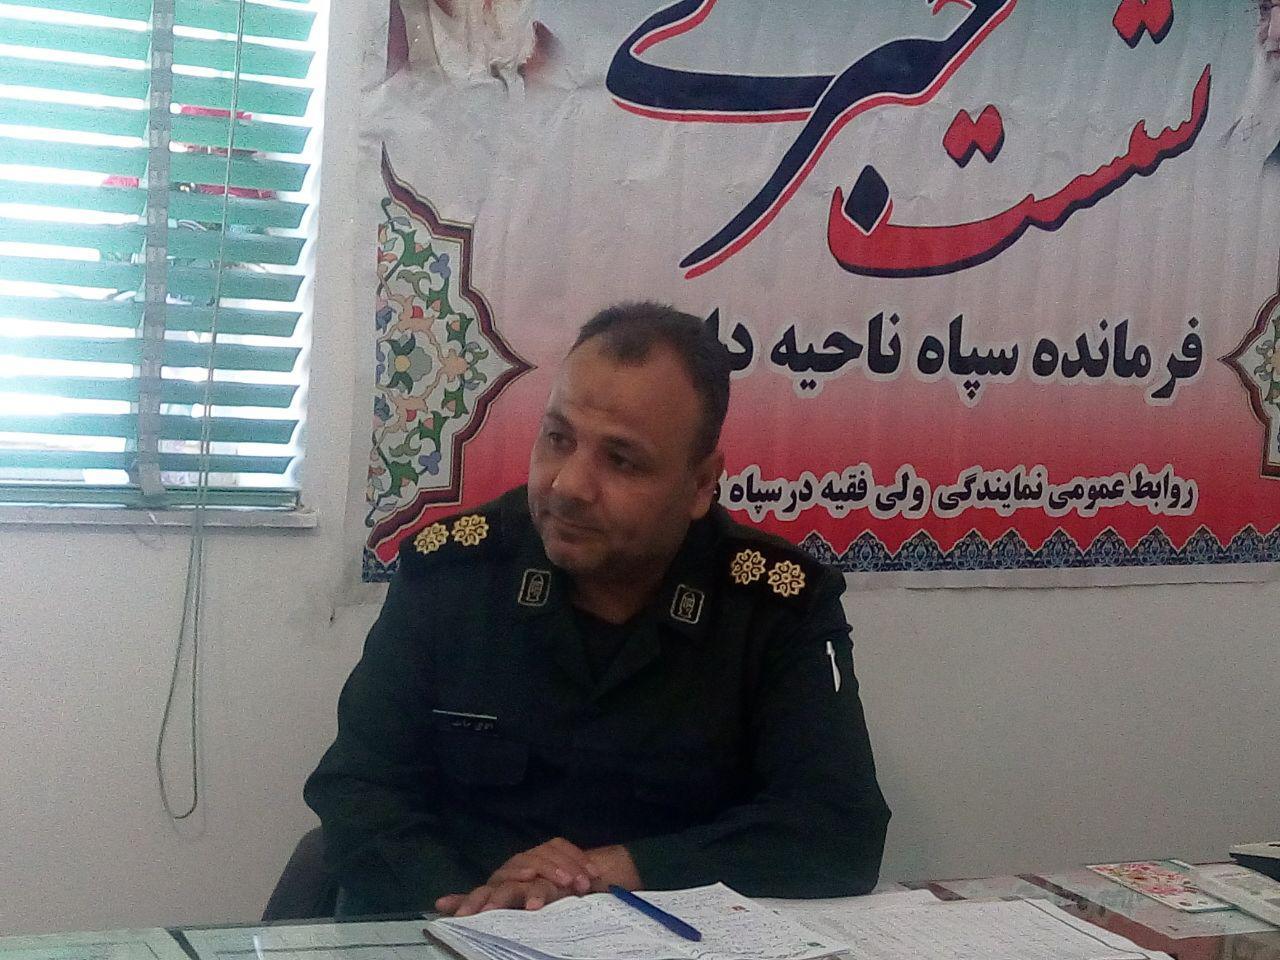 جانشین سپاه ناحیه داراب: ۱۵۰ برنامه در هفته دفاع مقدس در داراب اجرا می شود